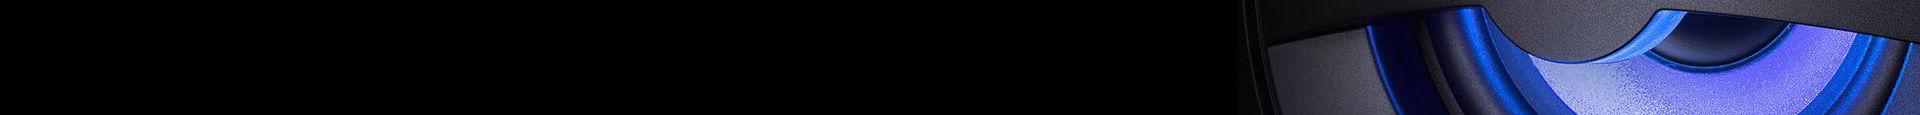 светодиодная подсветка домашней акустики